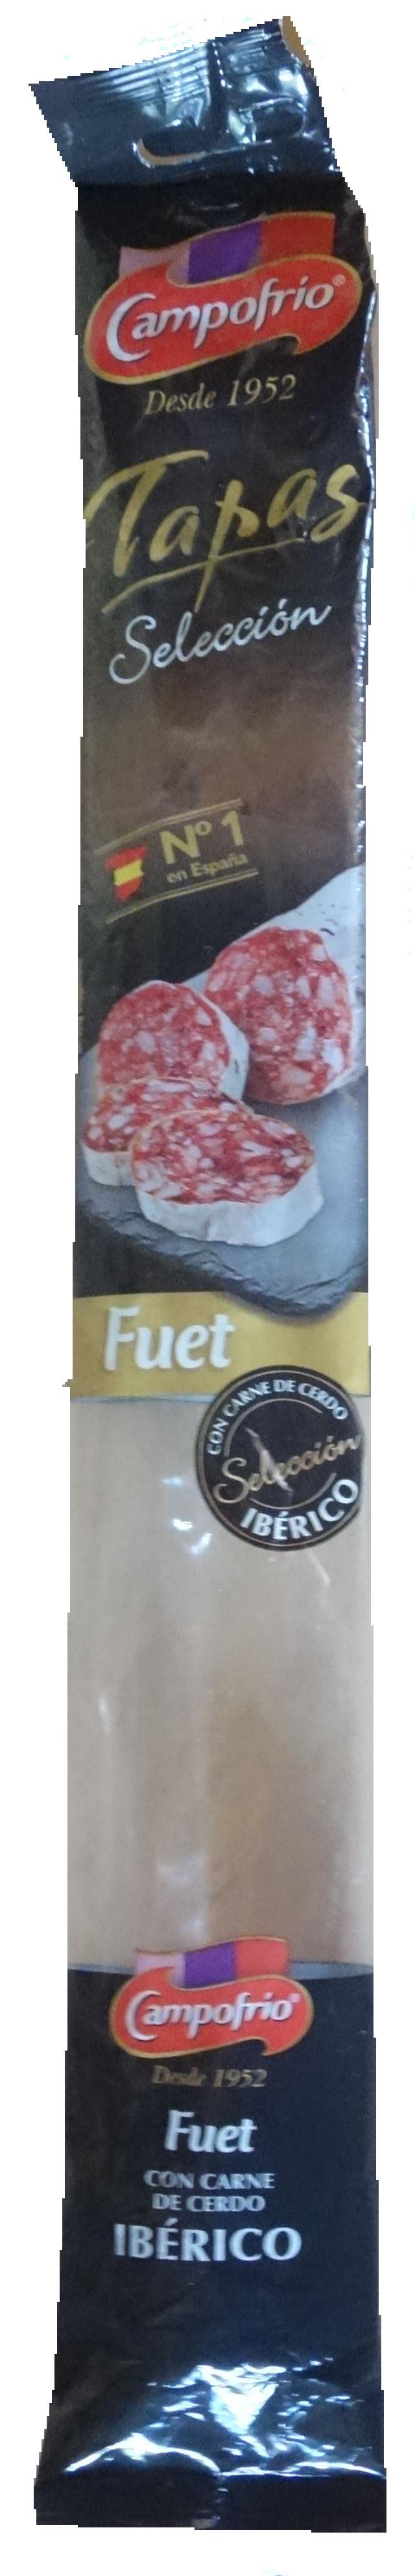 Fuet con Carne de Credo Ibérico - Product - fr